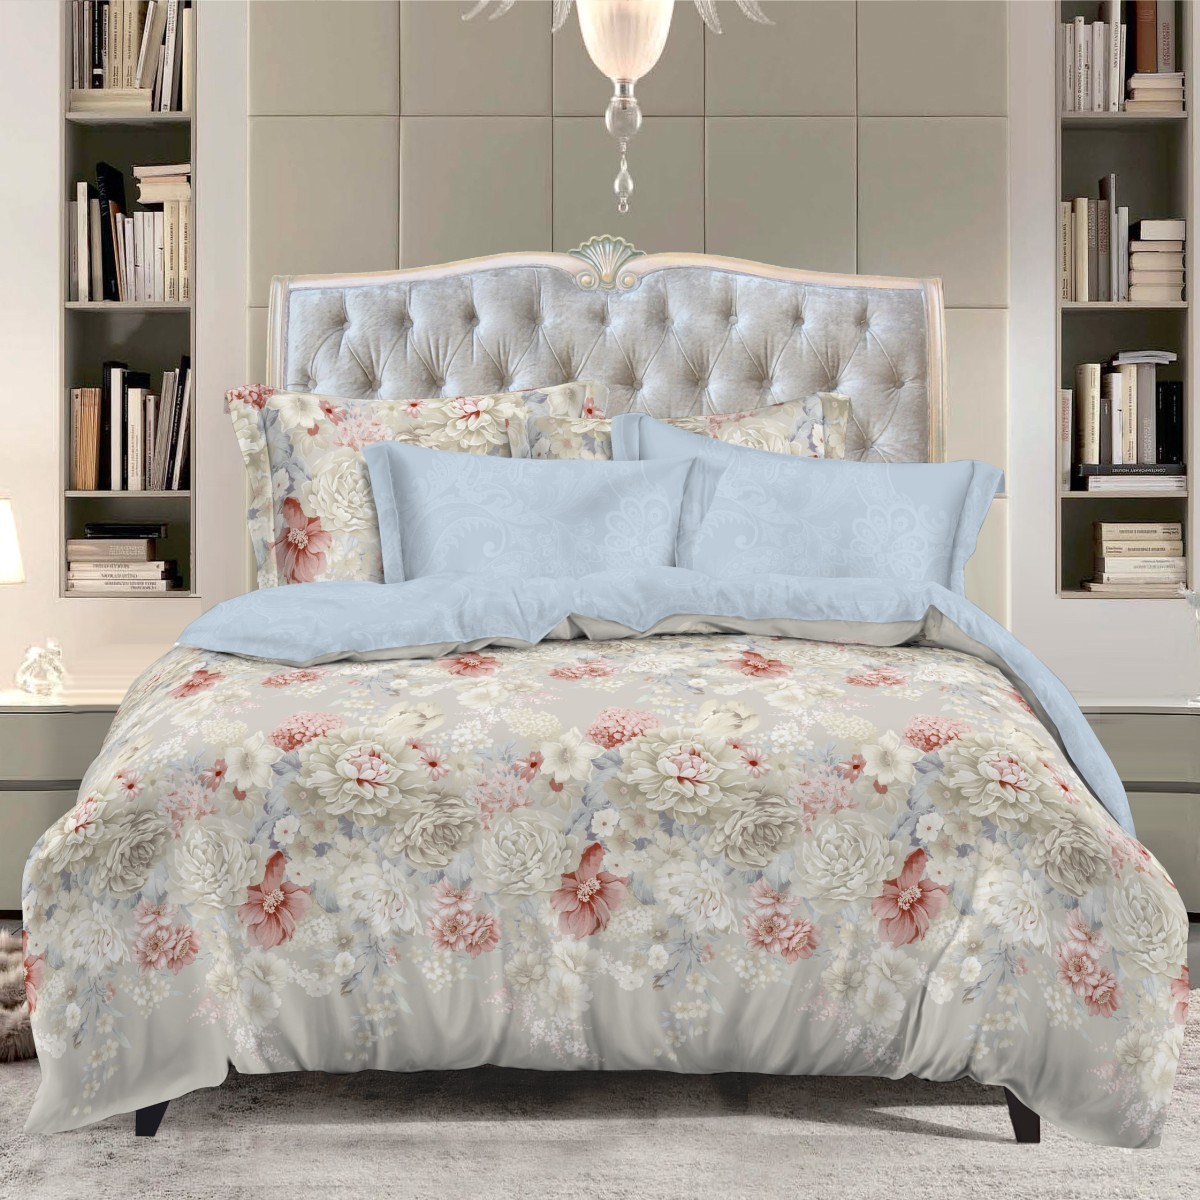 Классика в сатиновом исполнении - залог комфорта, модного дизайна и гармонии цвета в вашей спальне. Это отличный подарок любителям трендов. Сатин заслужено считается благородной тканью для постельного белья. Ему свойственна практичность, долговечность, мягкость и изысканный блеск, такая ткань прекрасно впитывает влагу во время сна, комфортна на ощупь и не требует особого ухода. Серия Letto Сатин - это современные дизайны в европейском стиле.   Обращаем внимание, что наволочки могут отличаться от представленных на фотографии. Также может отличаться оттенок комплекта из-за разницы в цветопередаче мониторов.